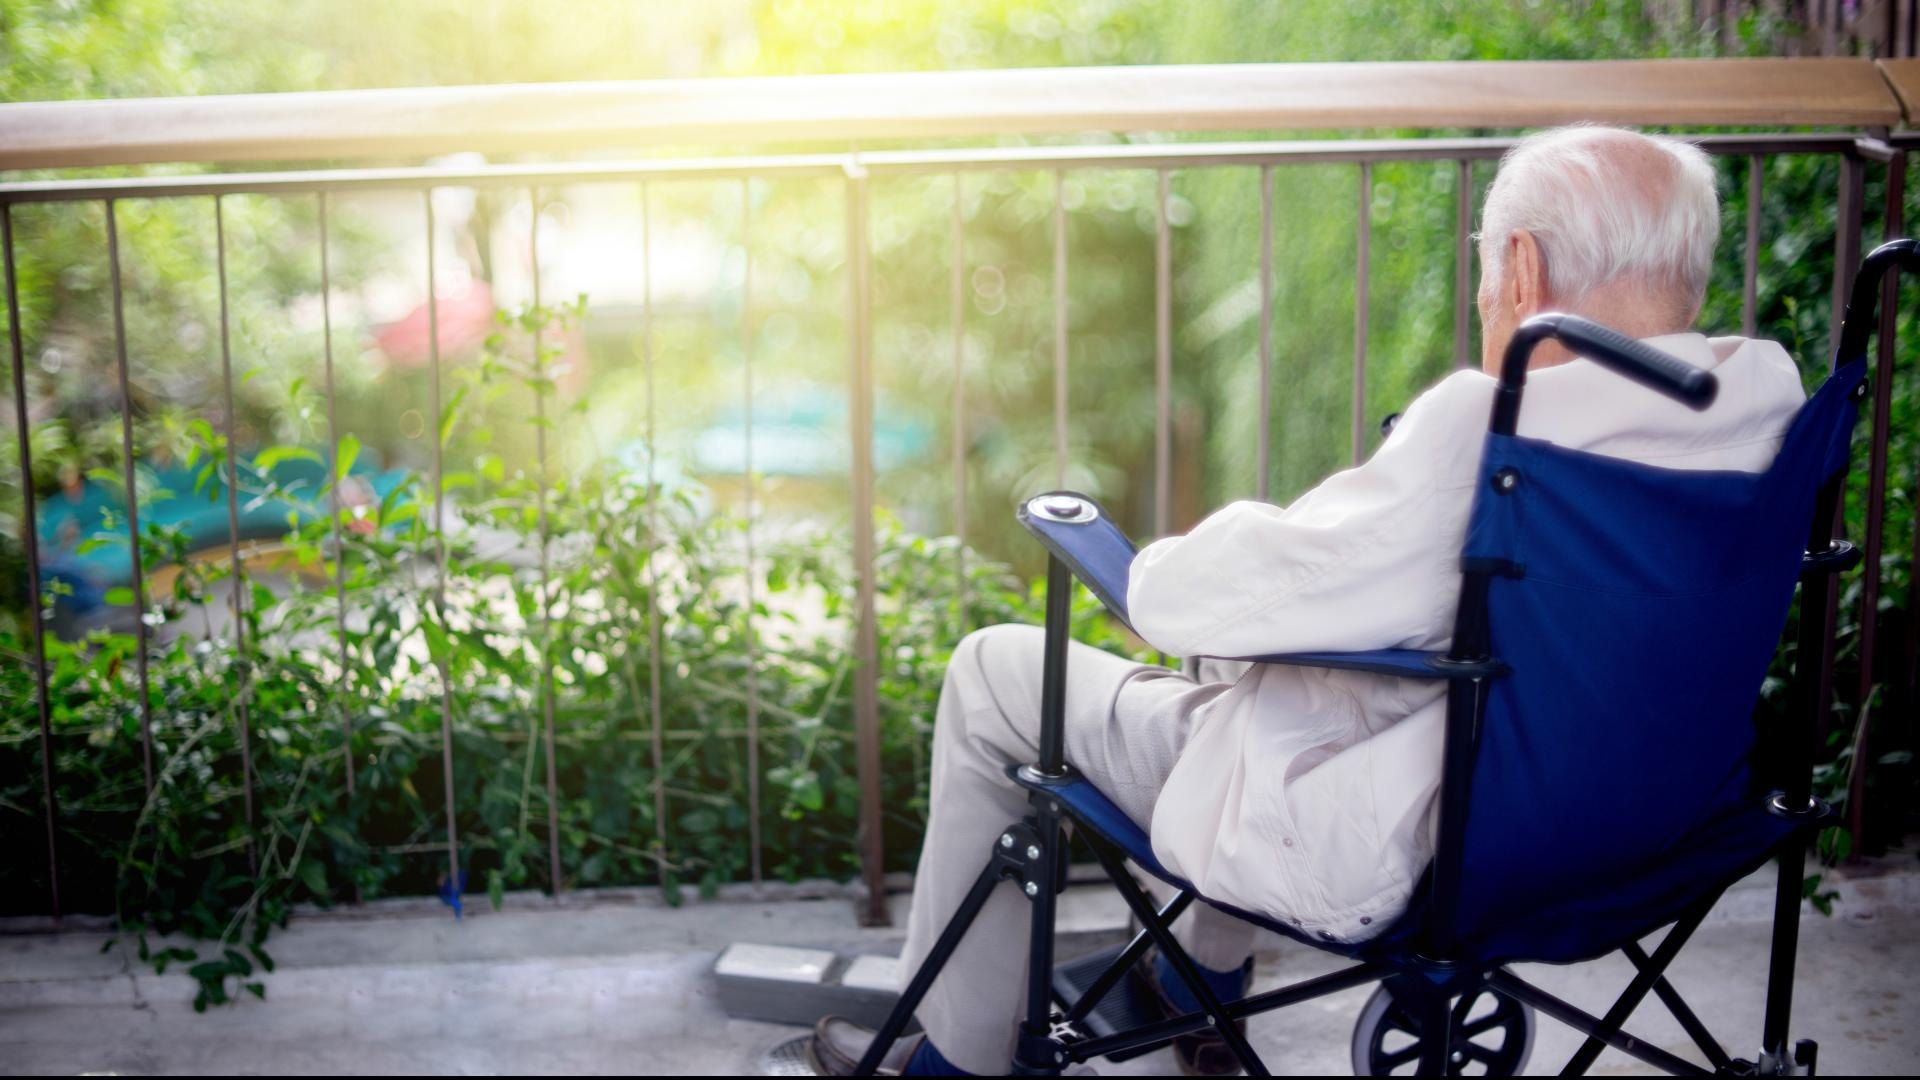 Czynnik, który zwiększa ryzyko choroby alzheimera